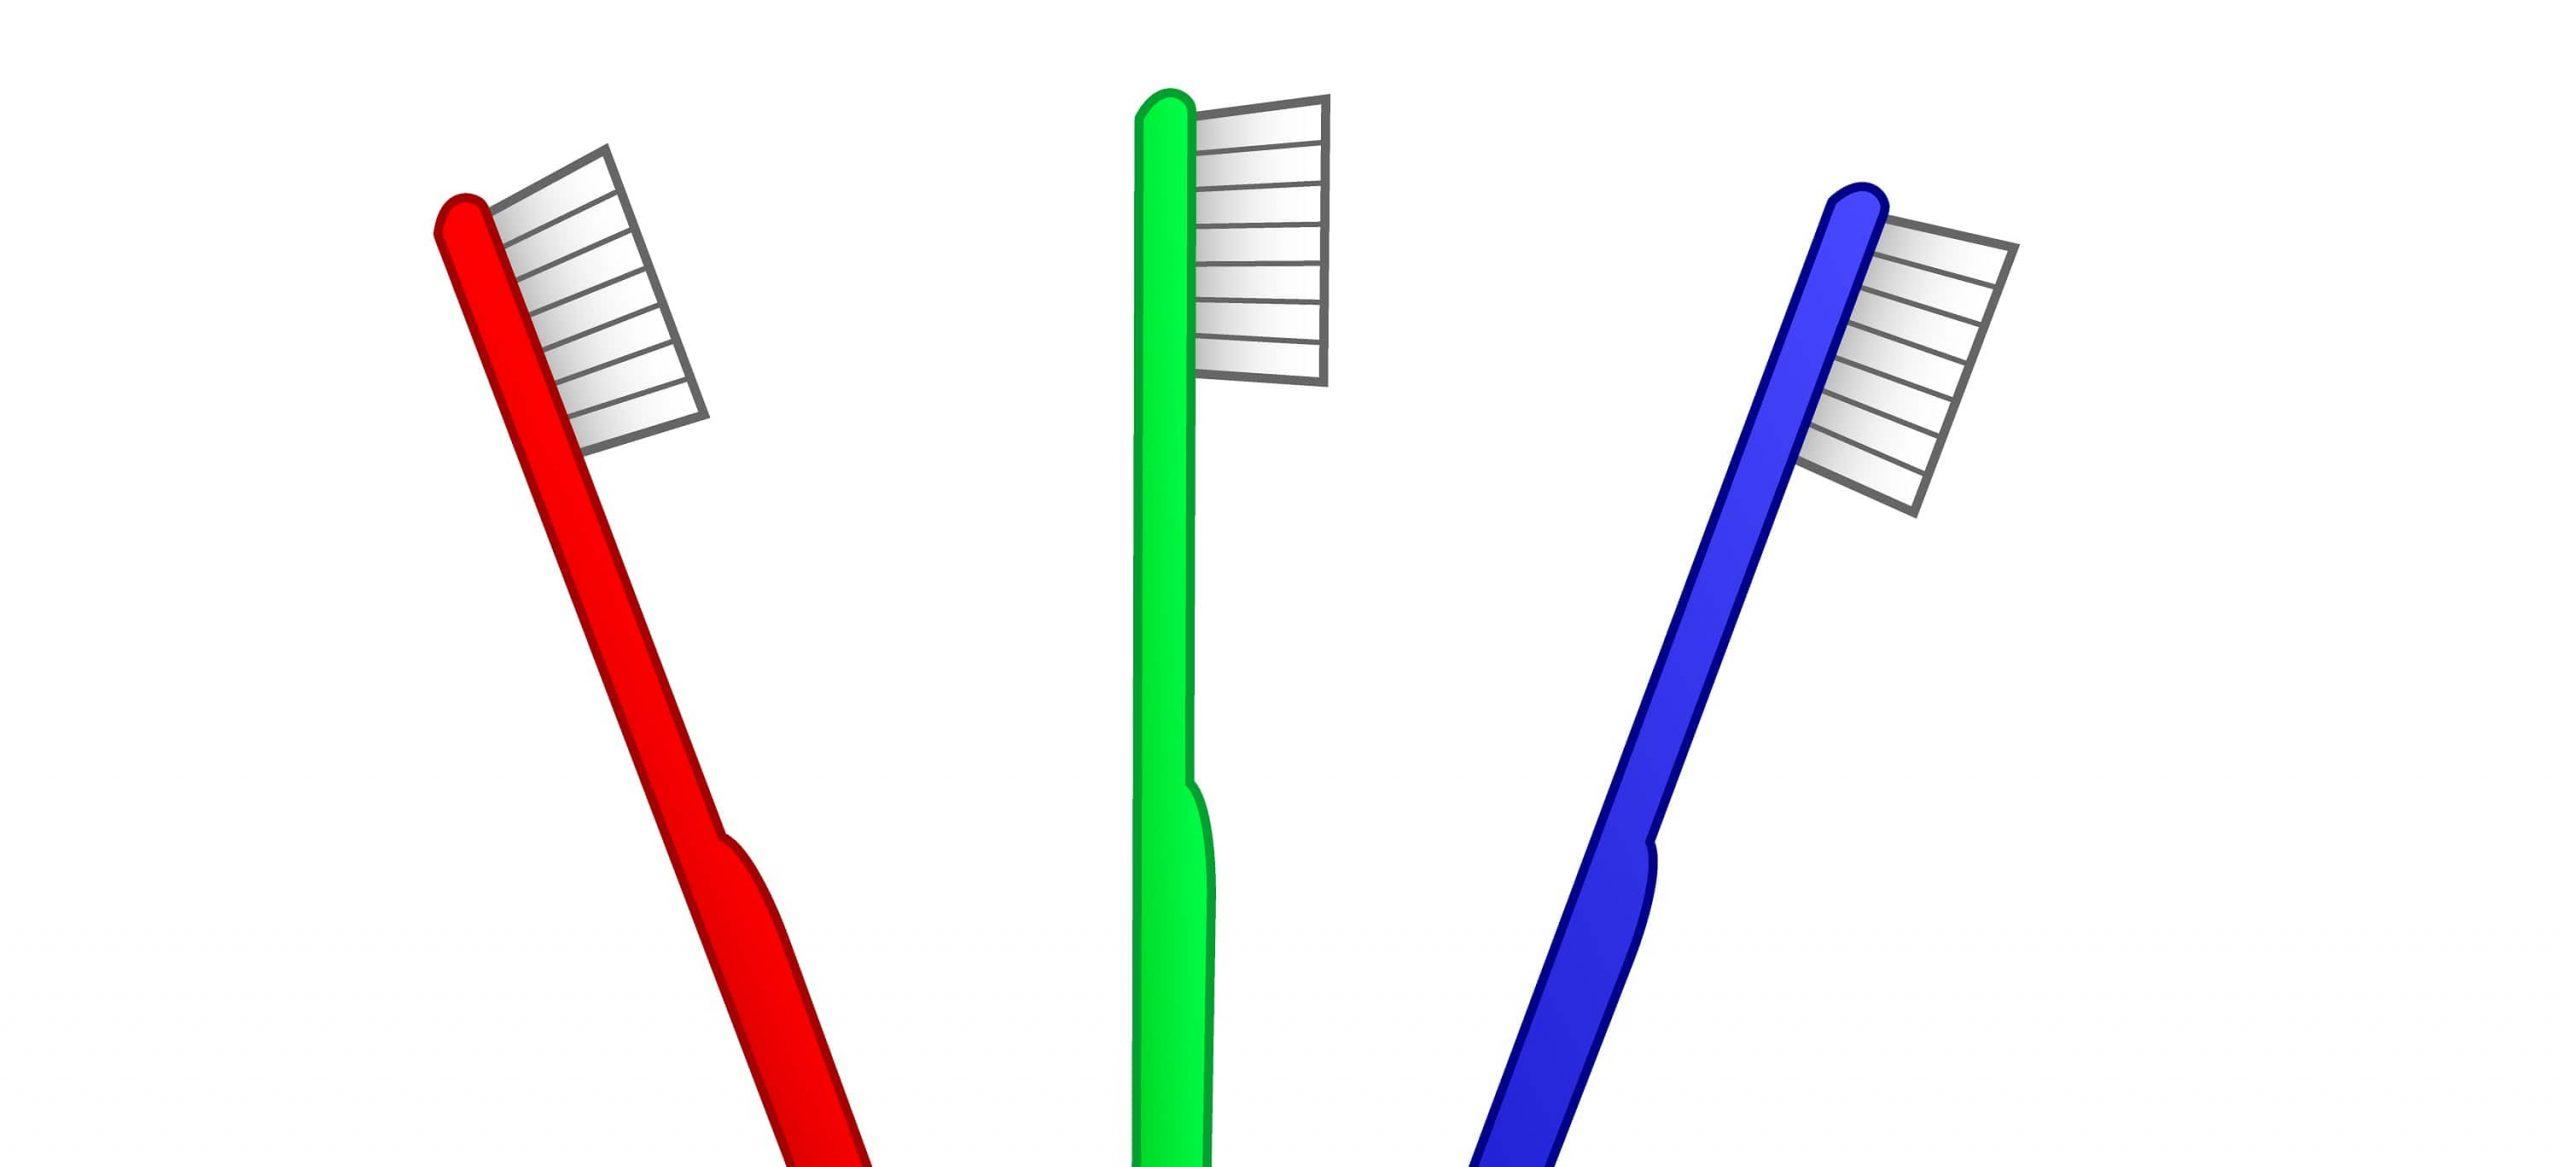 οδοντόβουρτσες σε χρώματα κόκκινο, μπλε και κόκκινο